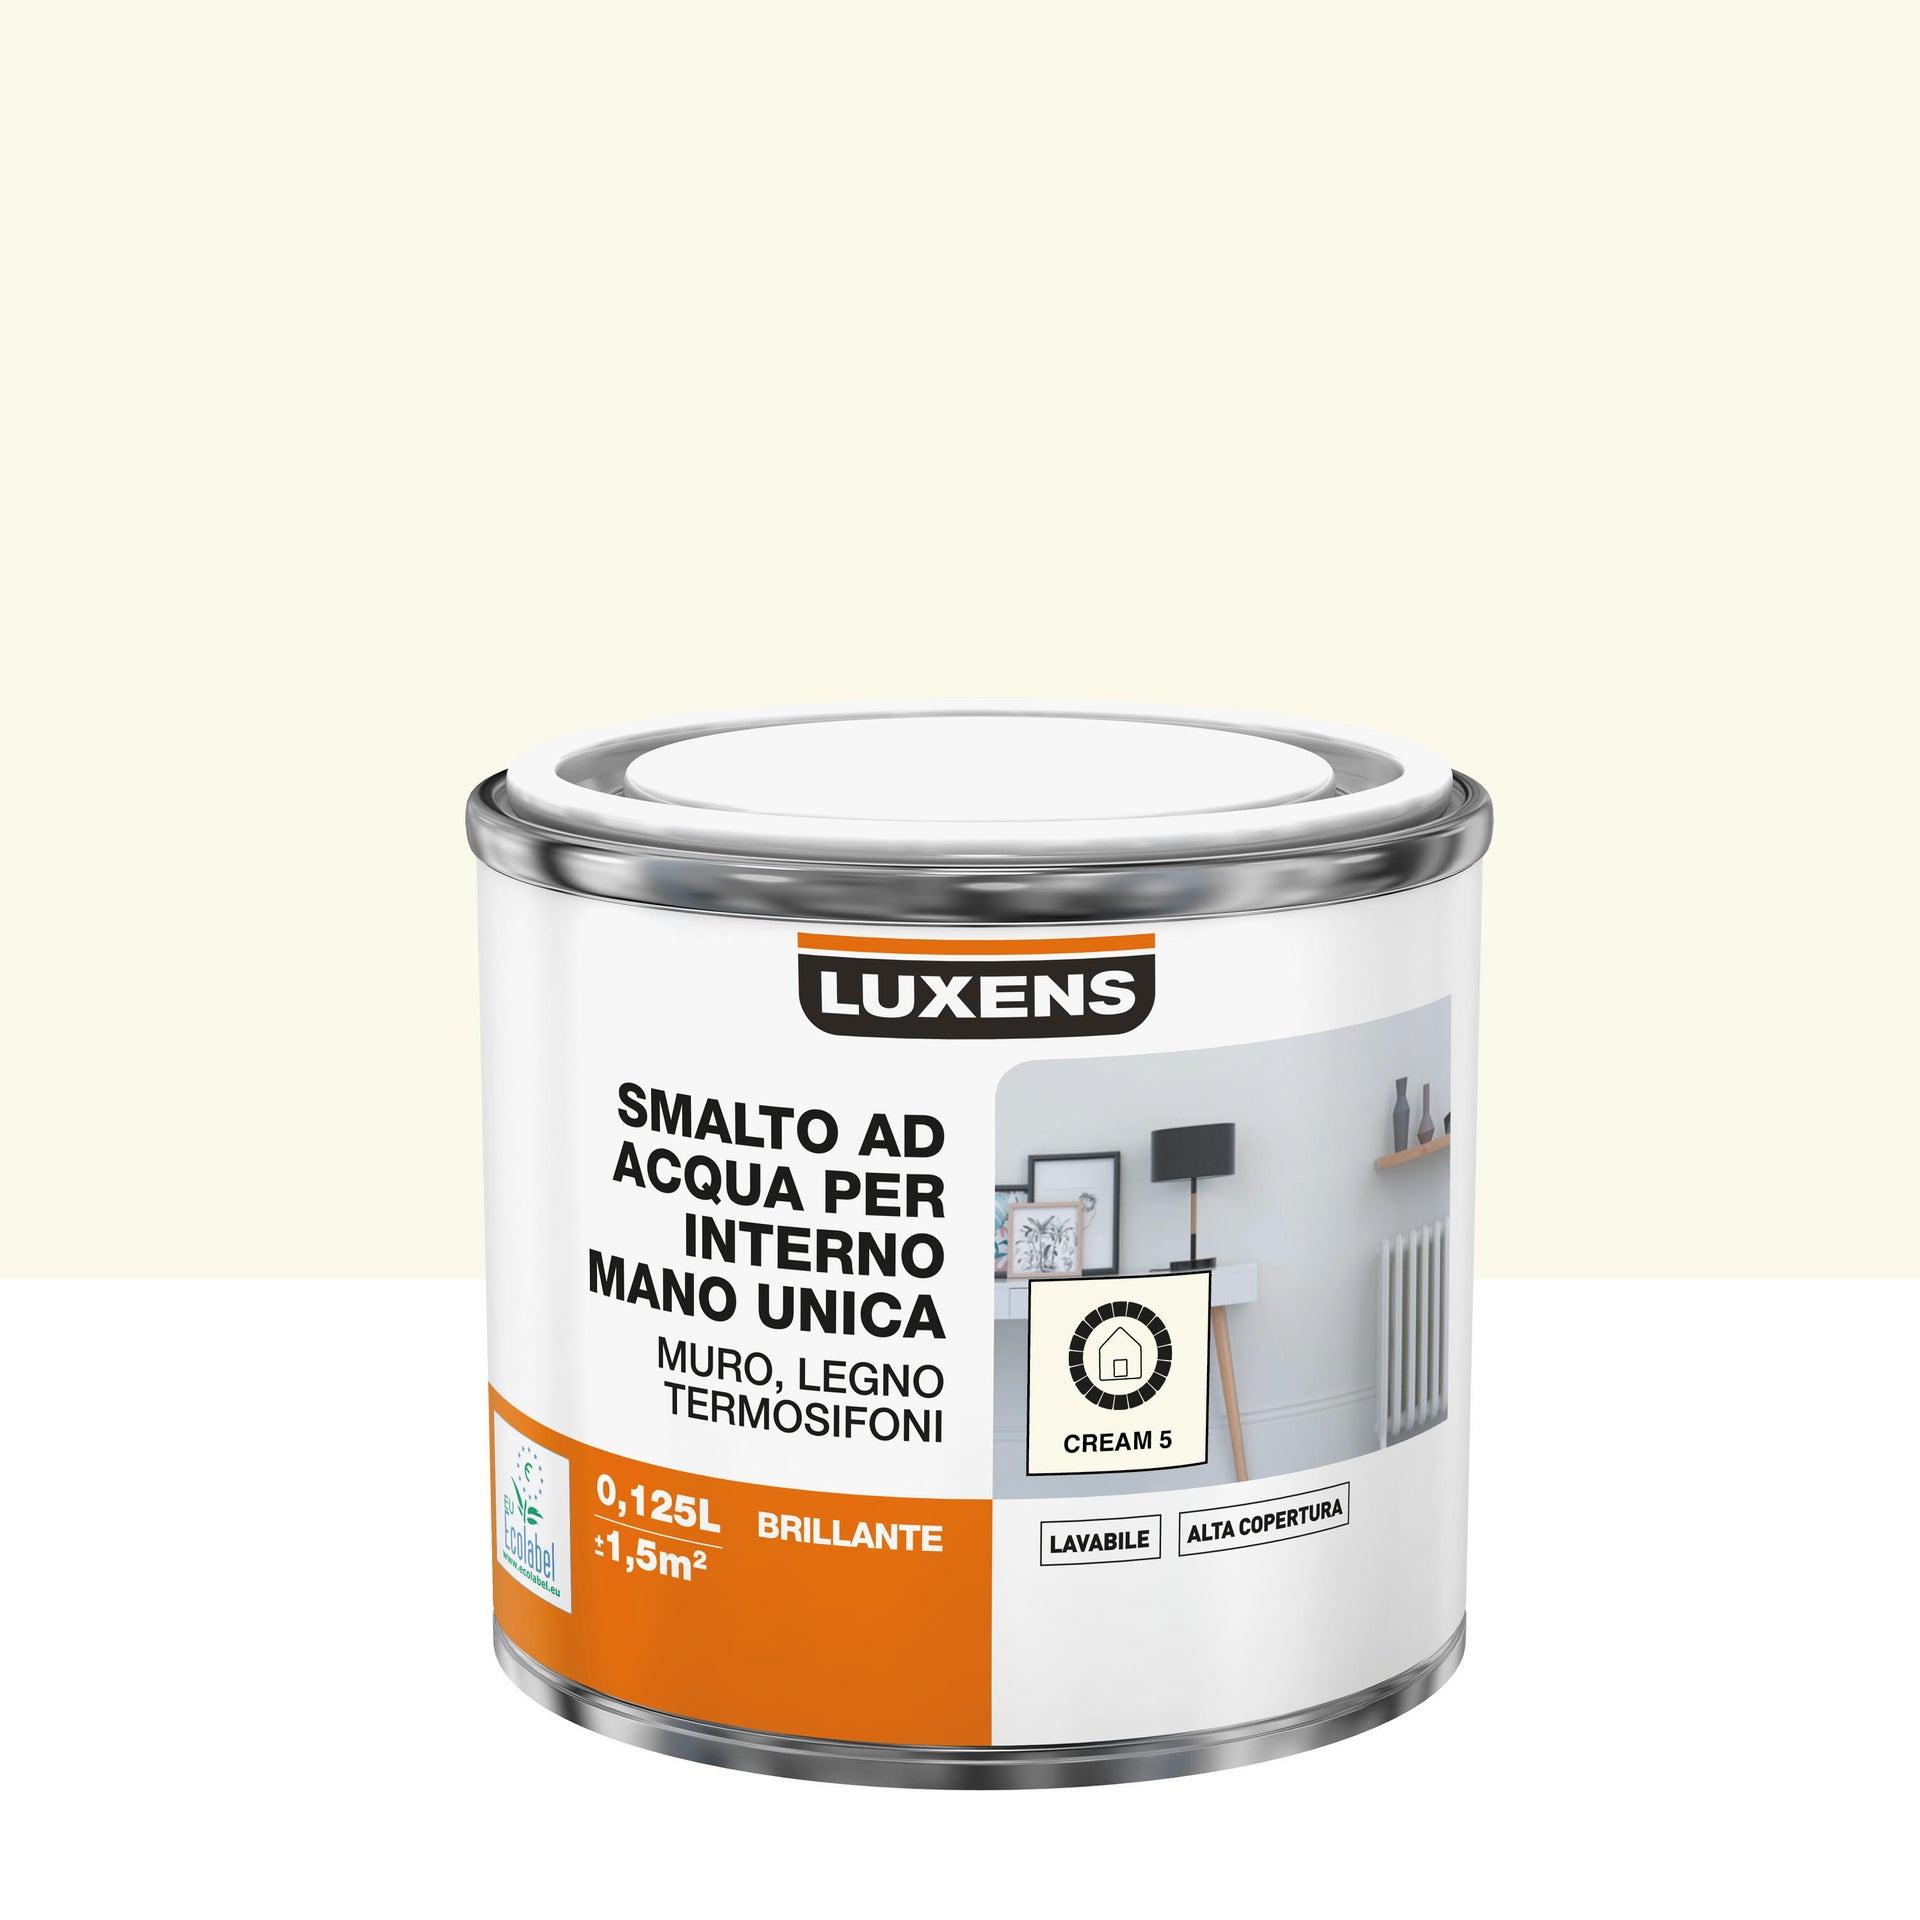 Vernice di finitura LUXENS Manounica base acqua bianco crema 5 lucido 0.125 L - 4